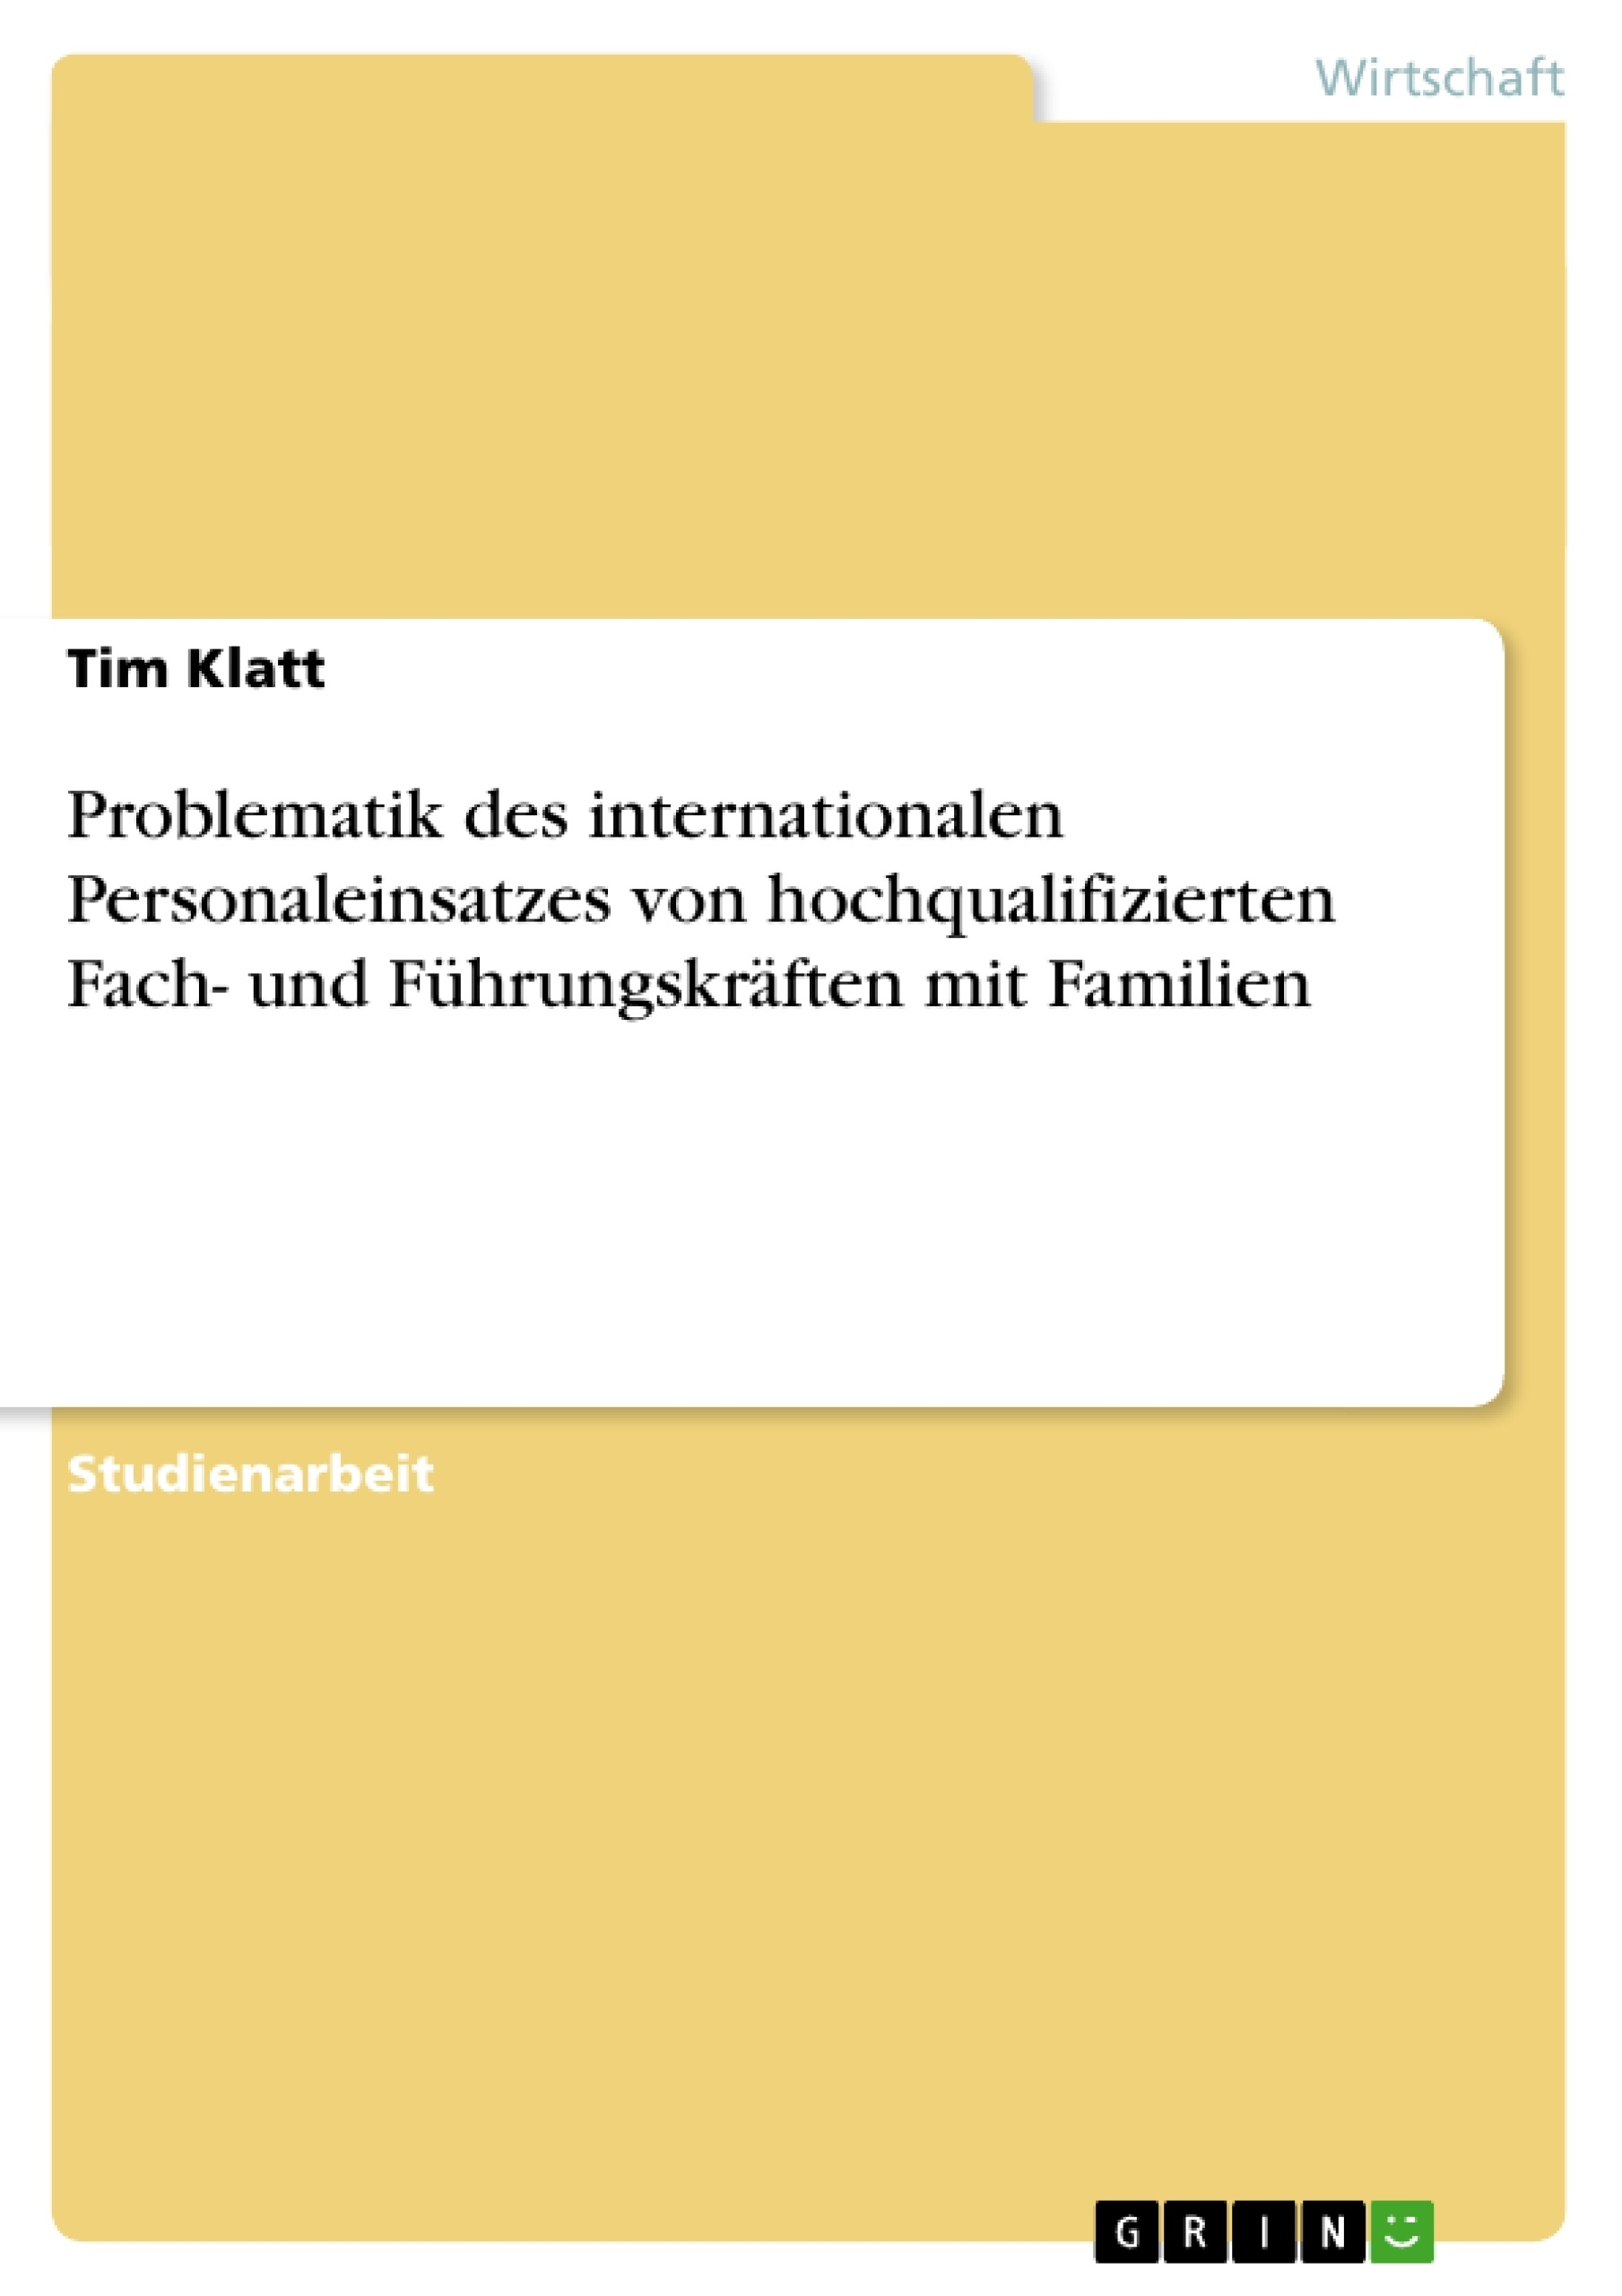 Titel: Problematik des internationalen Personaleinsatzes von hochqualifizierten Fach- und Führungskräften mit Familien